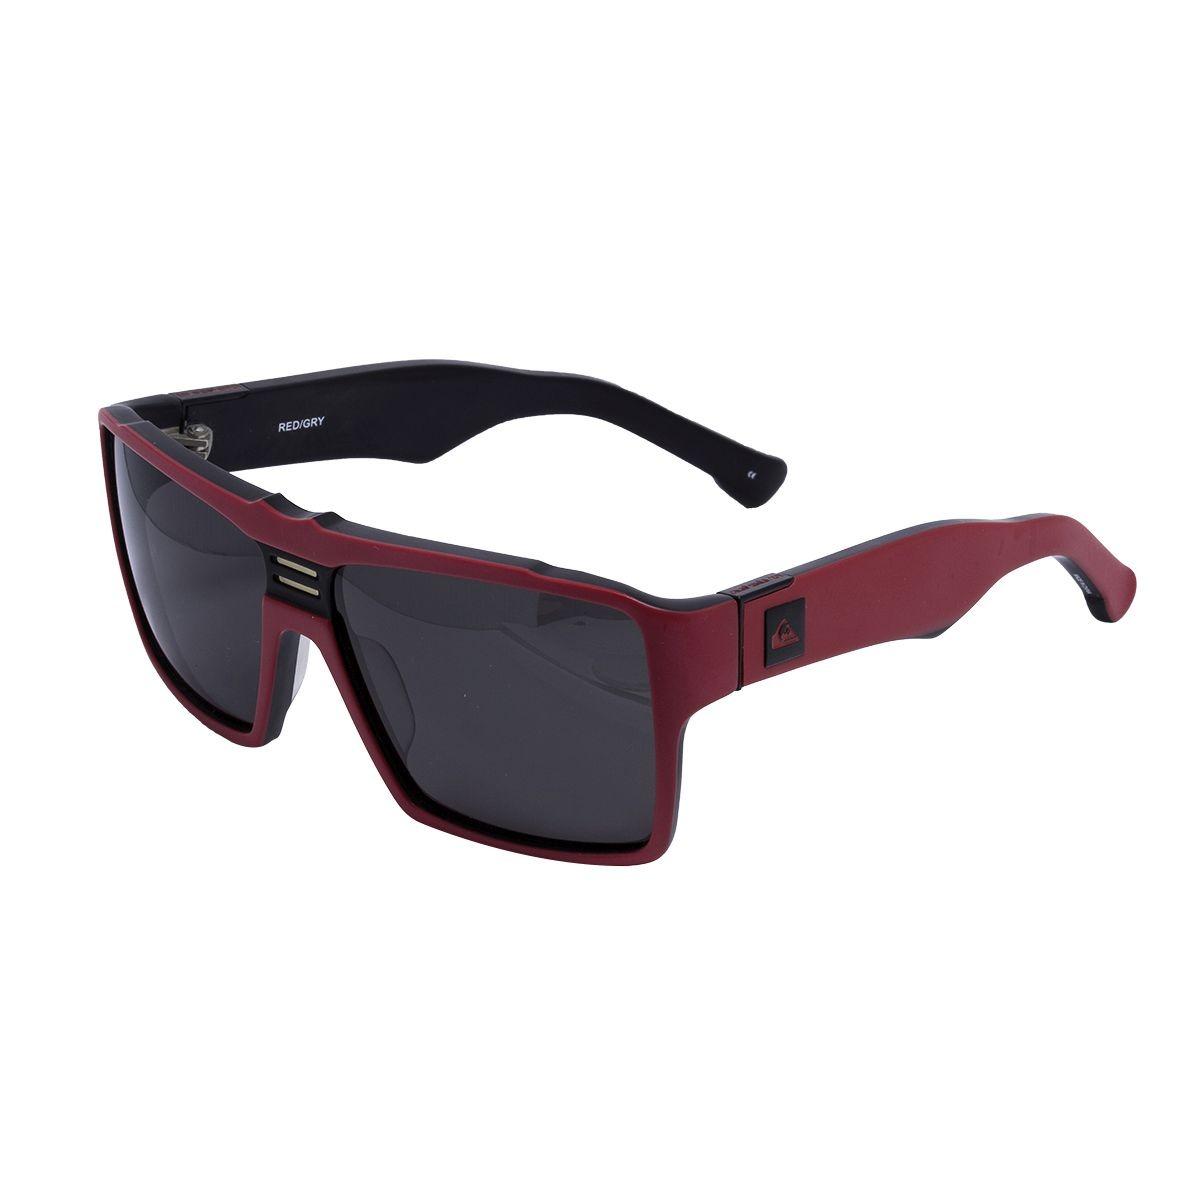 05714d48420c1 óculos de sol quiksilver original enose qs1143 red gry. Carregando zoom.